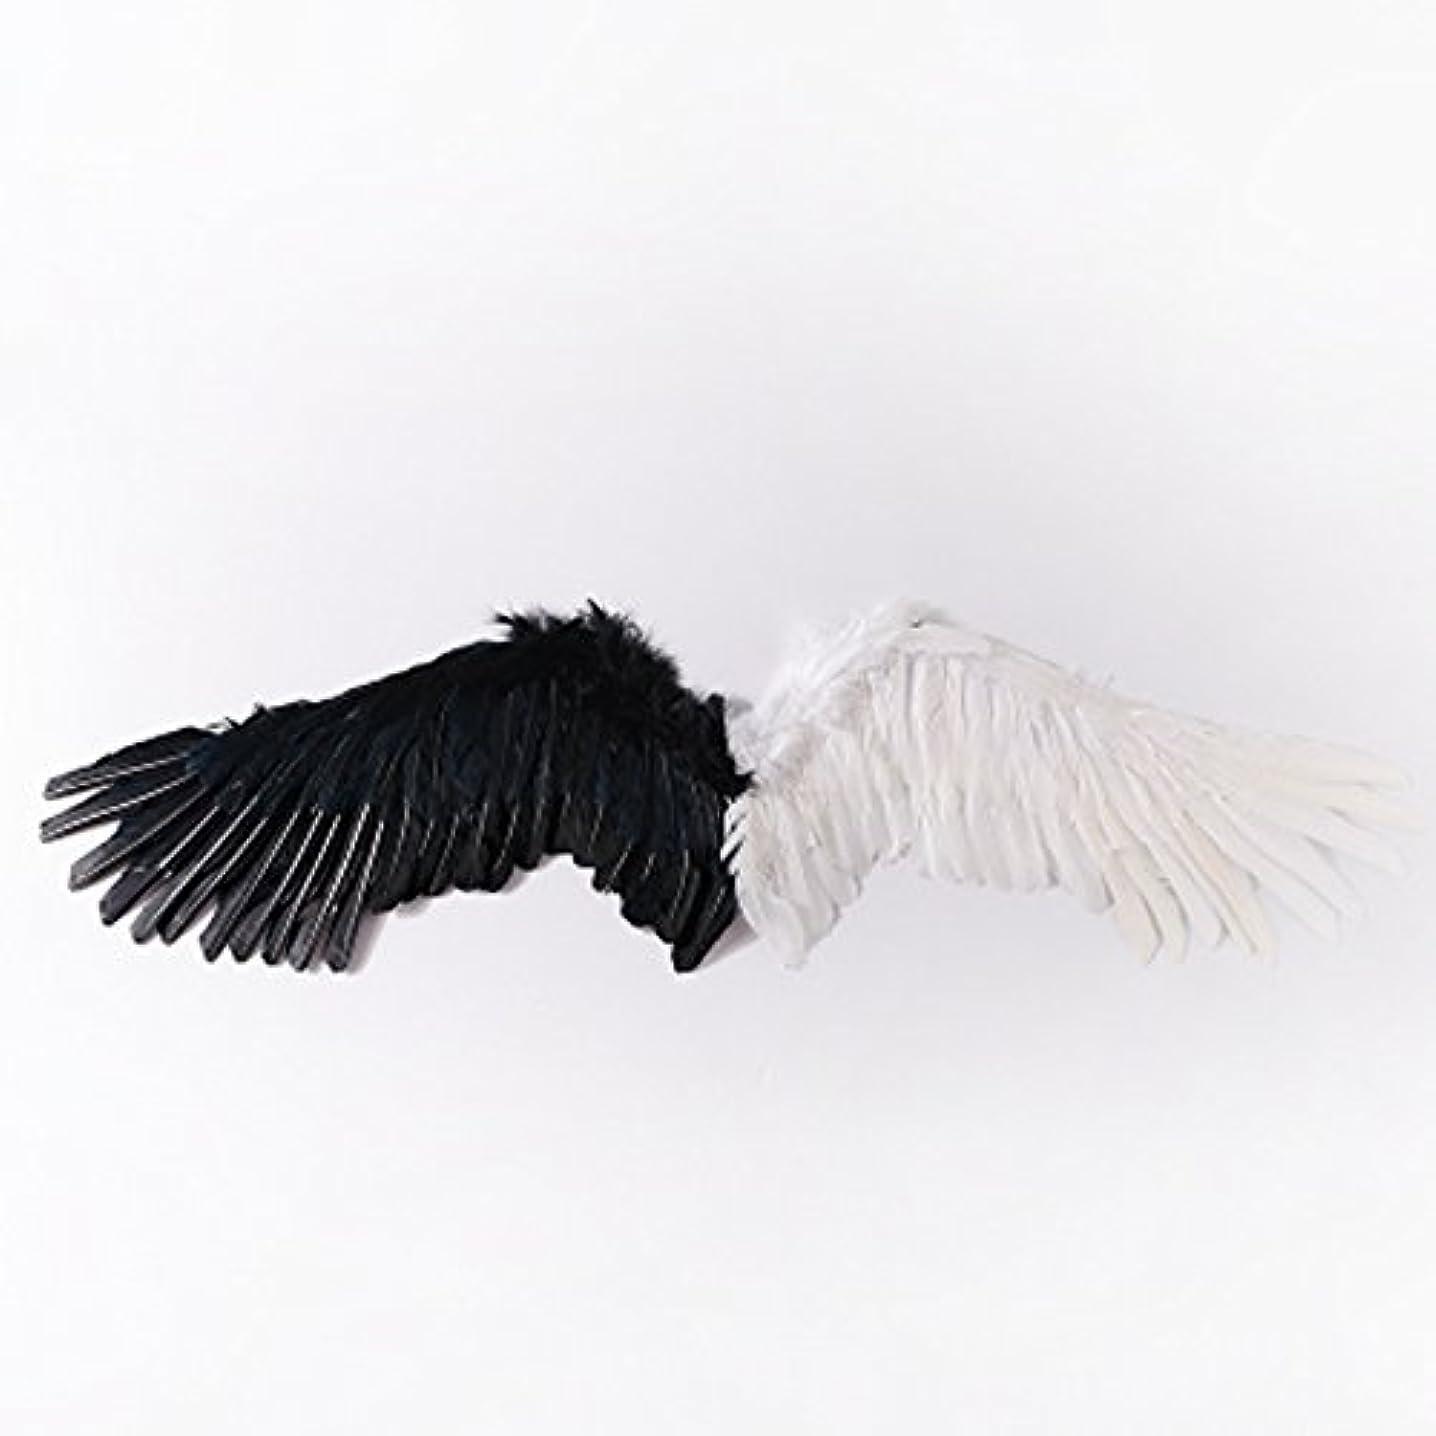 叱る勇者オーストラリアBEYLOR(ベイラー) 天使コスプレ エンジェル 仮装 天使の翼 9色展開 コスチューム用小物 ハロウィン クリスマス 天使 悪魔 羽 パーティー 舞台用 デビル(黒×白)